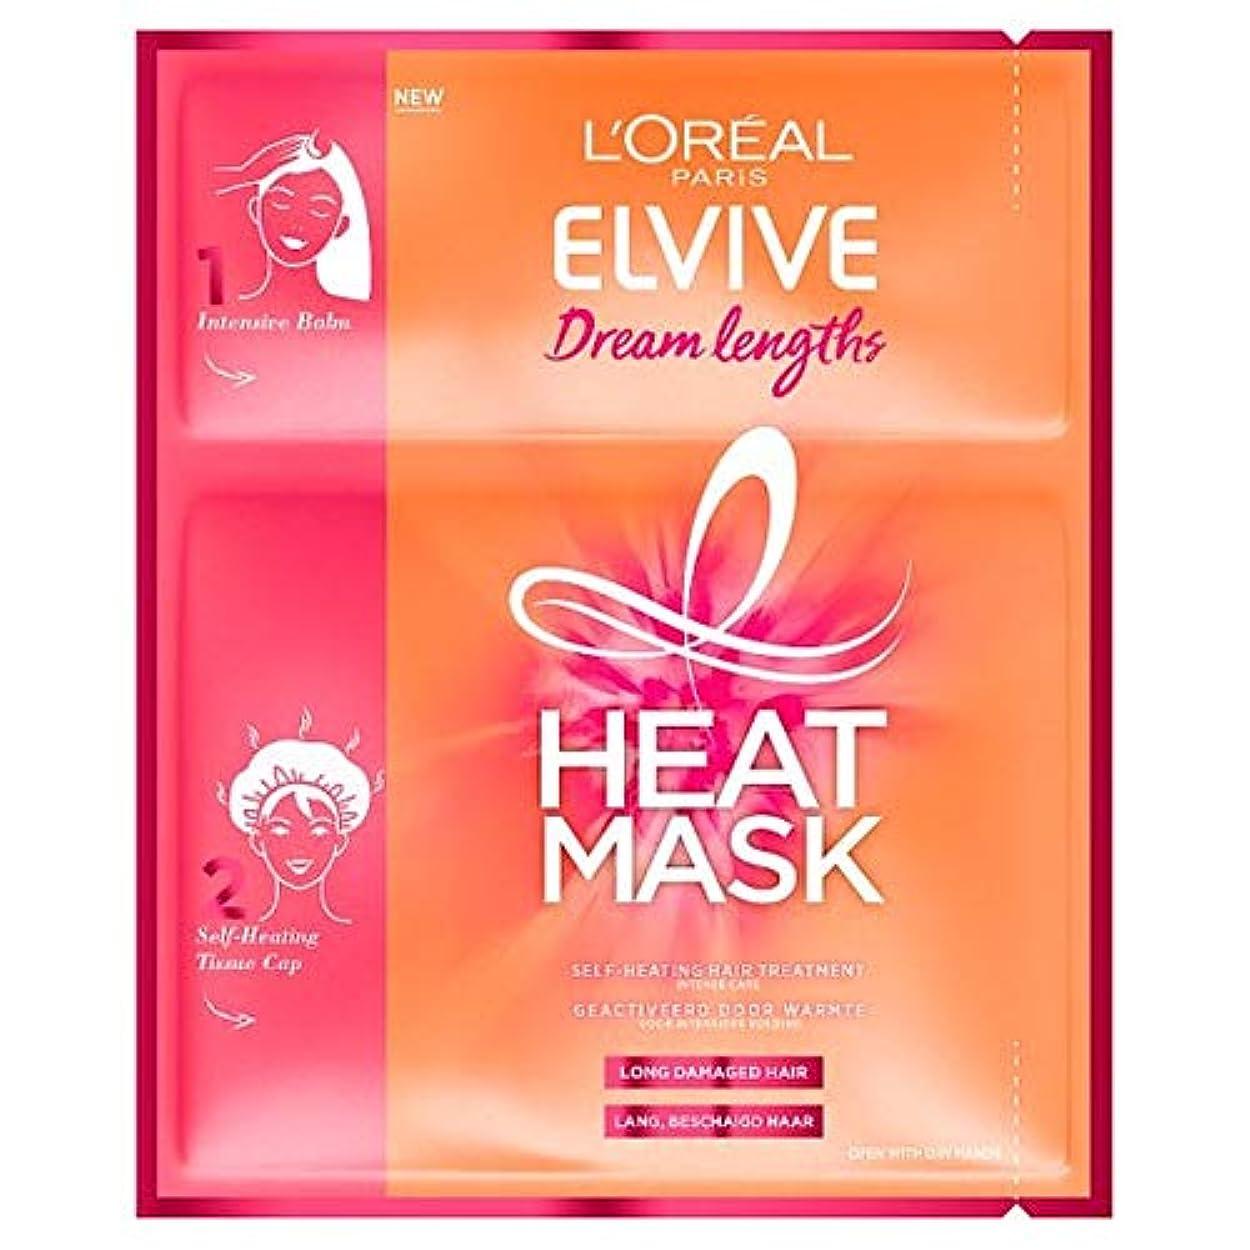 不安ボアインタビュー[Elvive] ロレアルElvive夢は熱マスクを長 - L'oreal Elvive Dream Lengths Heat Mask [並行輸入品]